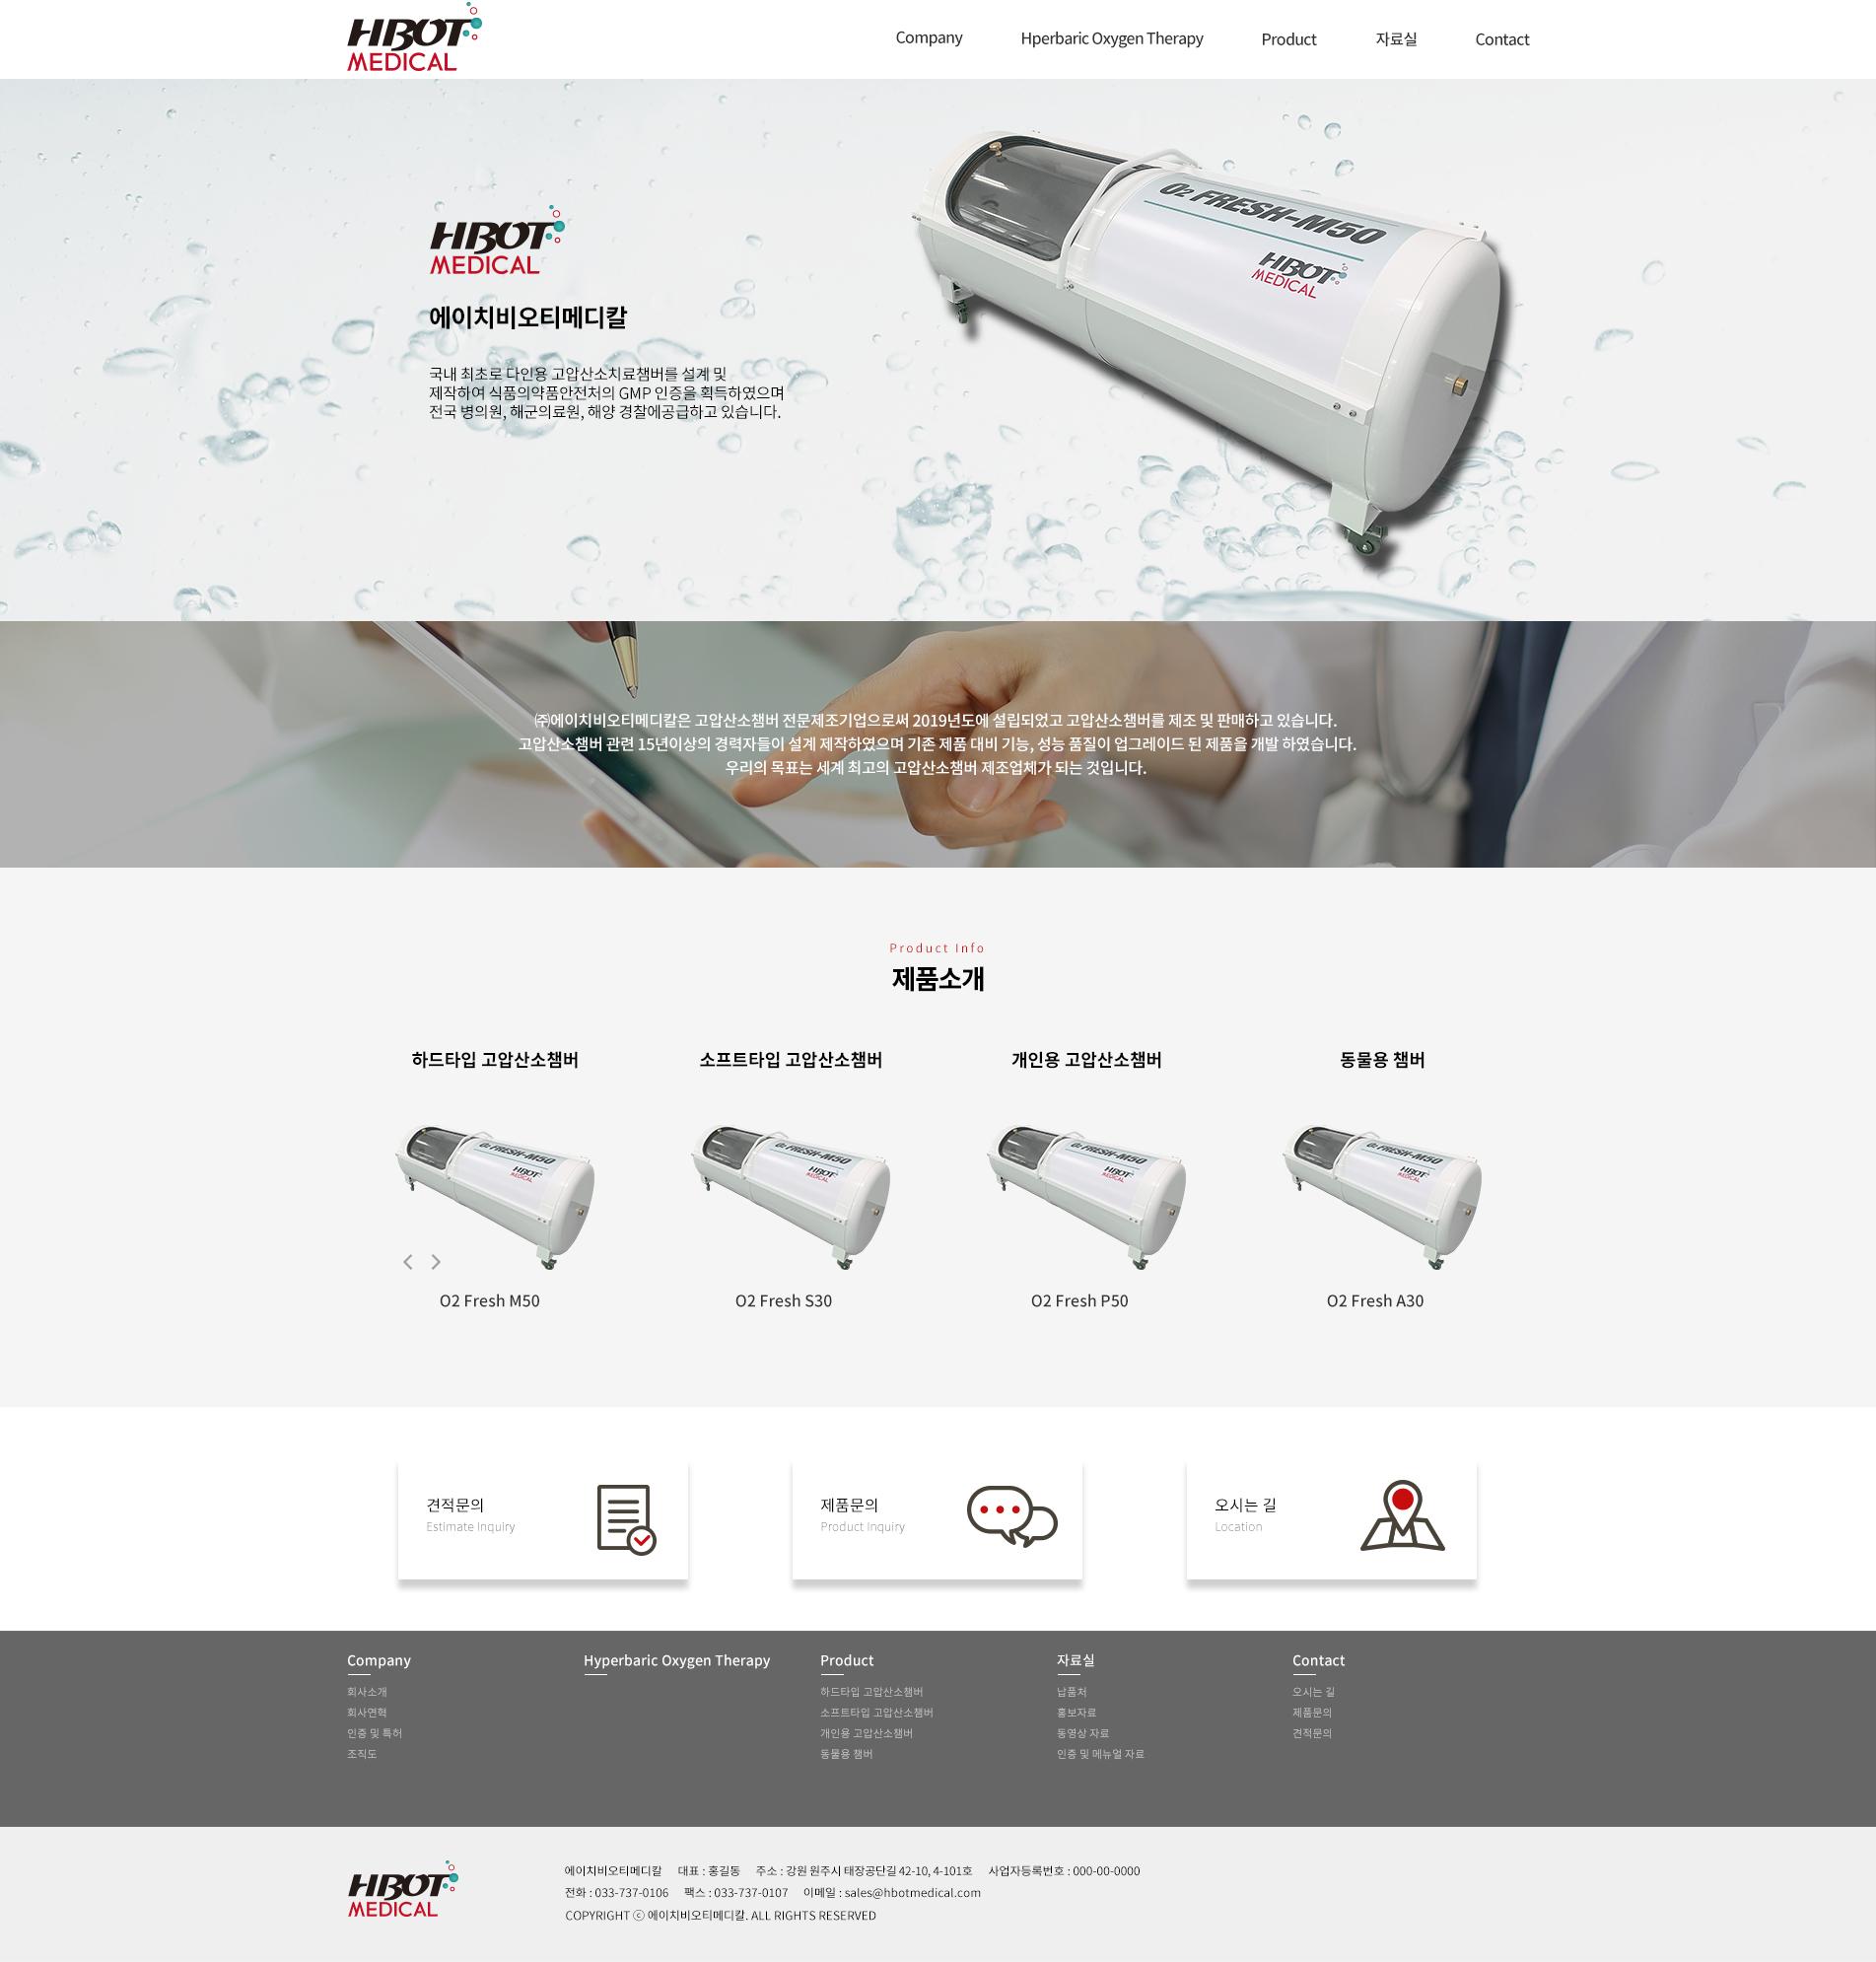 [반응형 회사홈페이지] 의료장비 전문기업 주식회사 에이치비오티메디칼